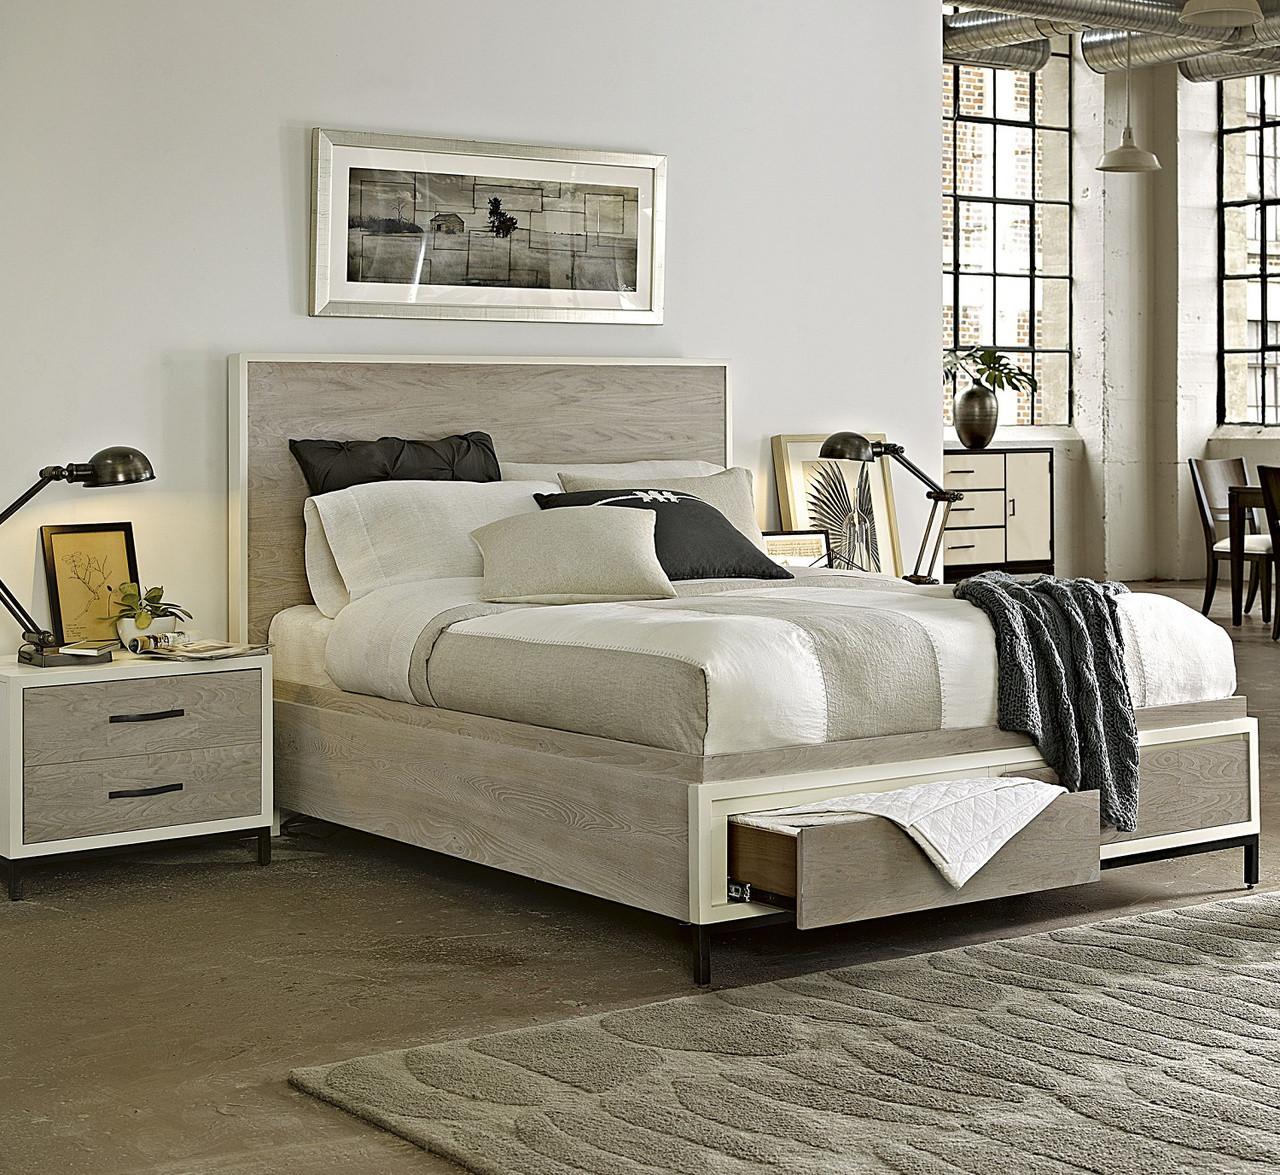 Modern Gray Platform Storage Bedroom Set - King | Zin Home